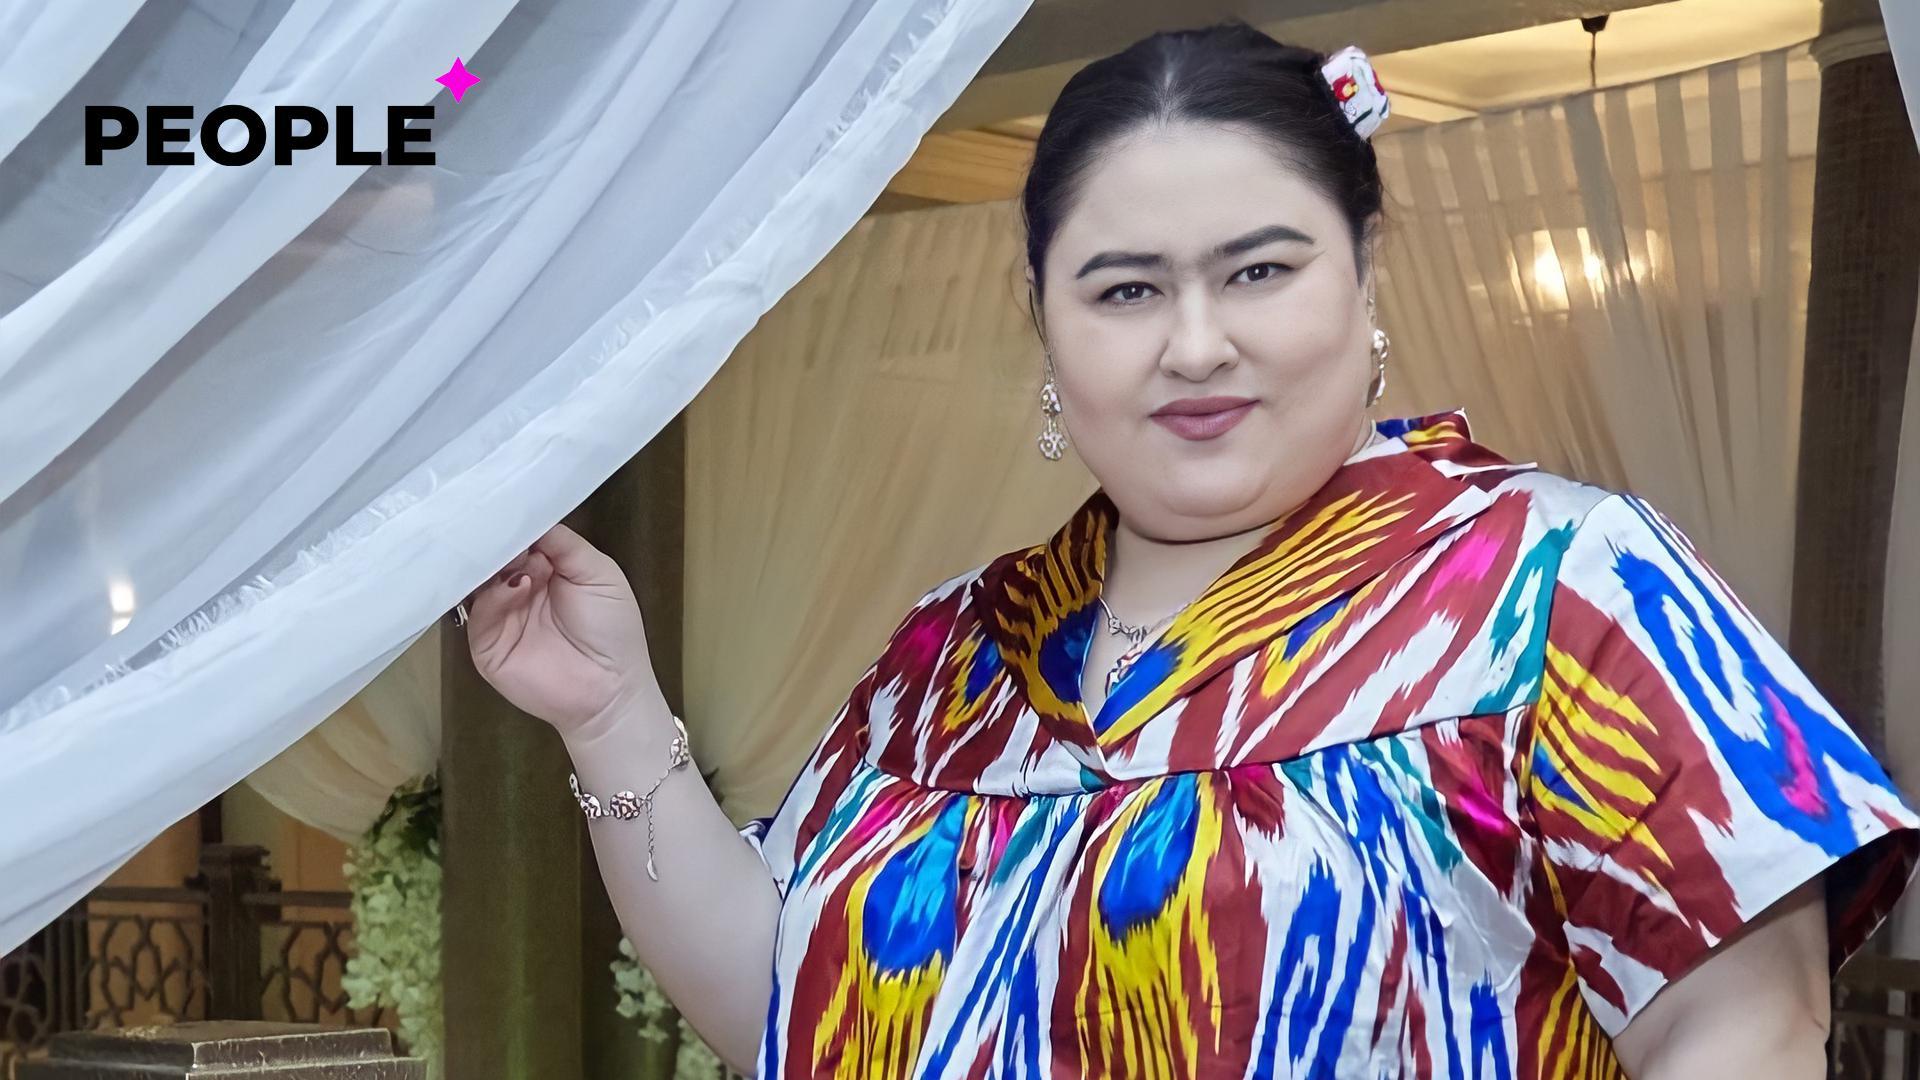 Халимахон сшила платье с изображением собственного лица — фото